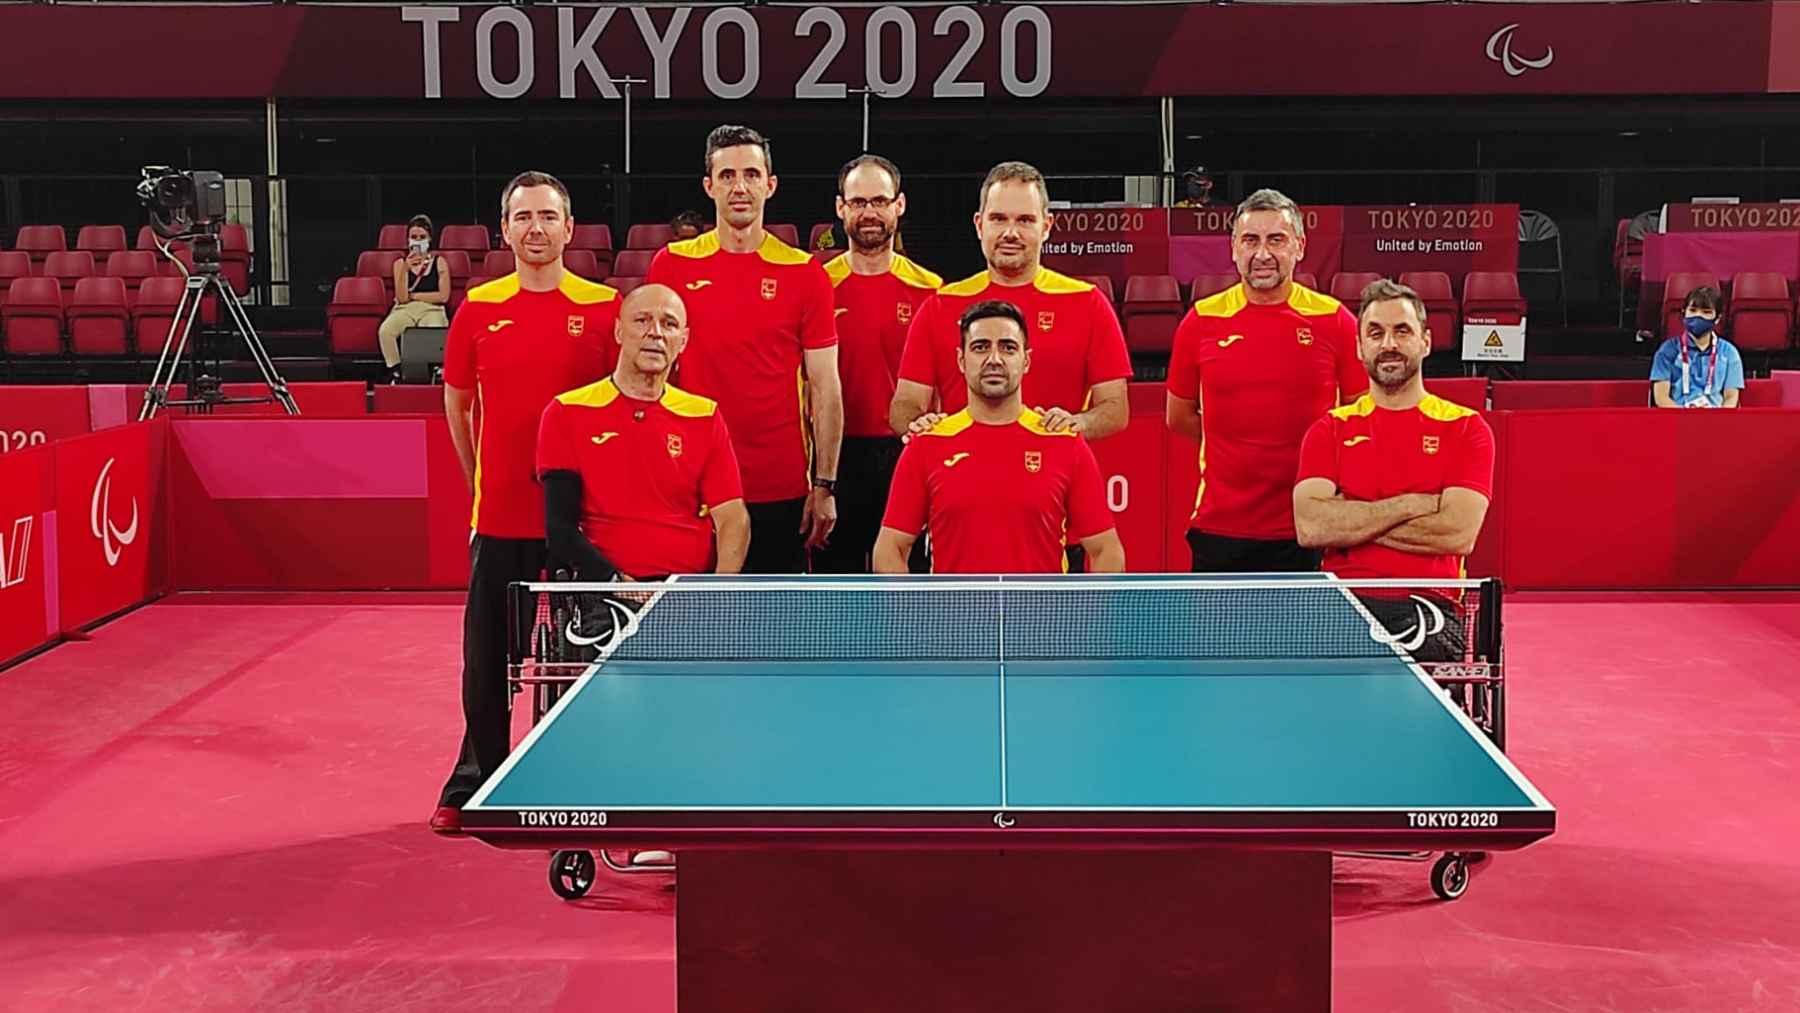 Equipo Paralímpico de Tenis de Mesa en el Pabellón de competición de Tokyo 2020